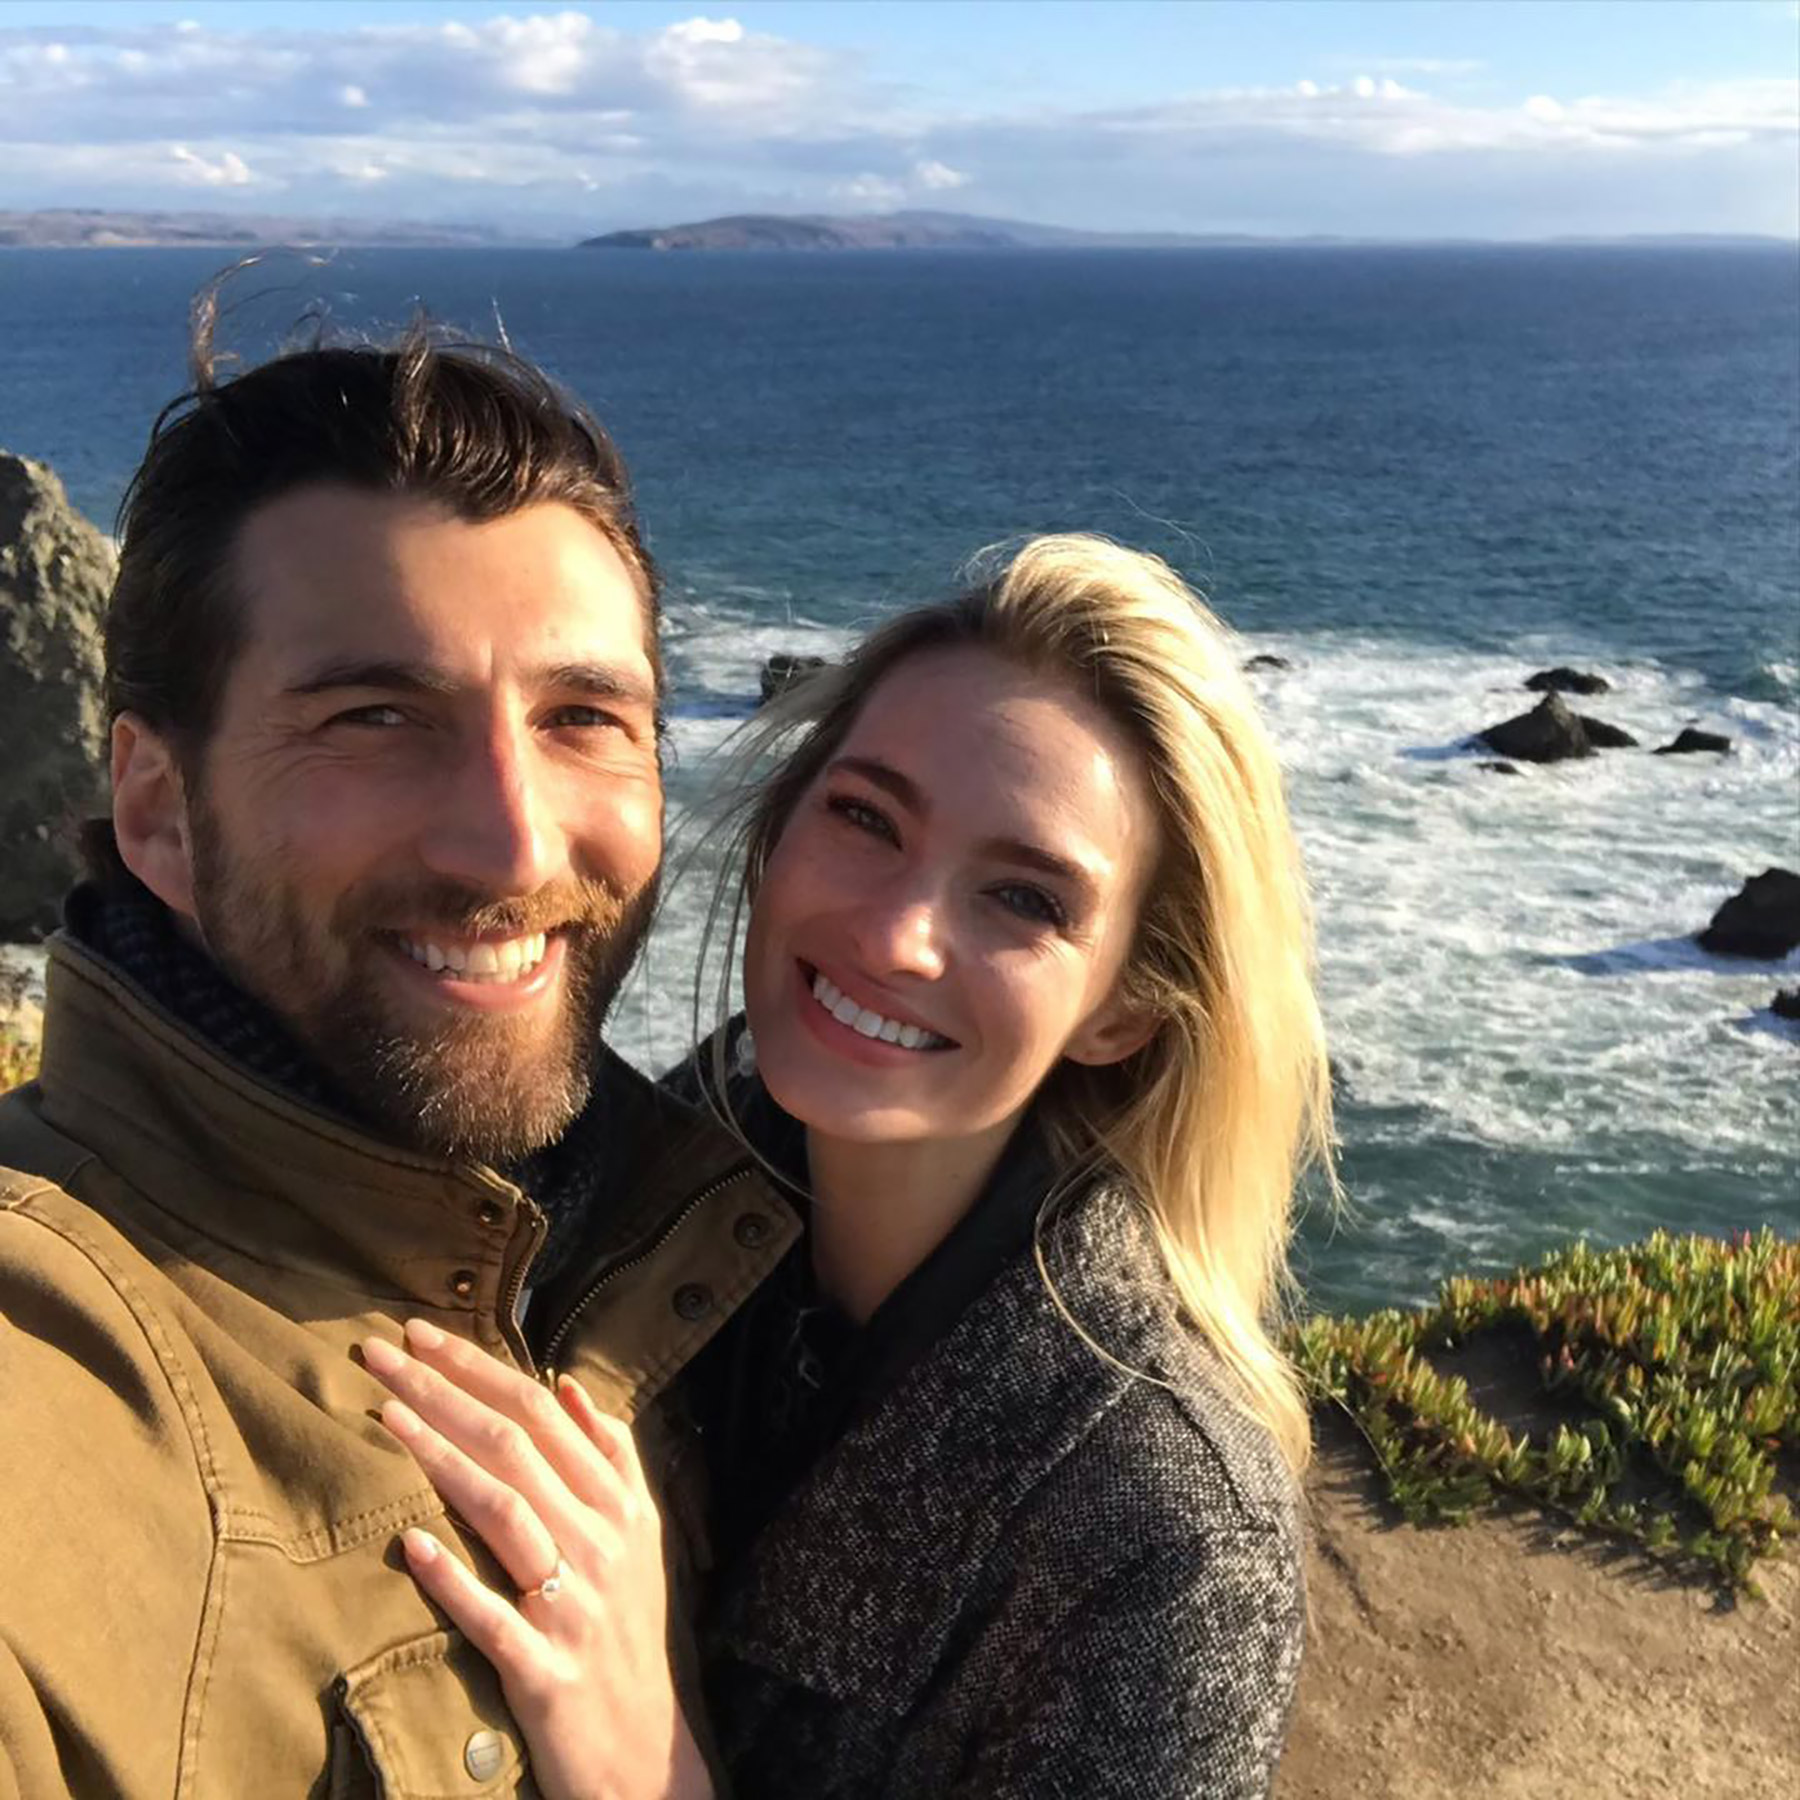 Clayton Snyder and Allegra Edwards